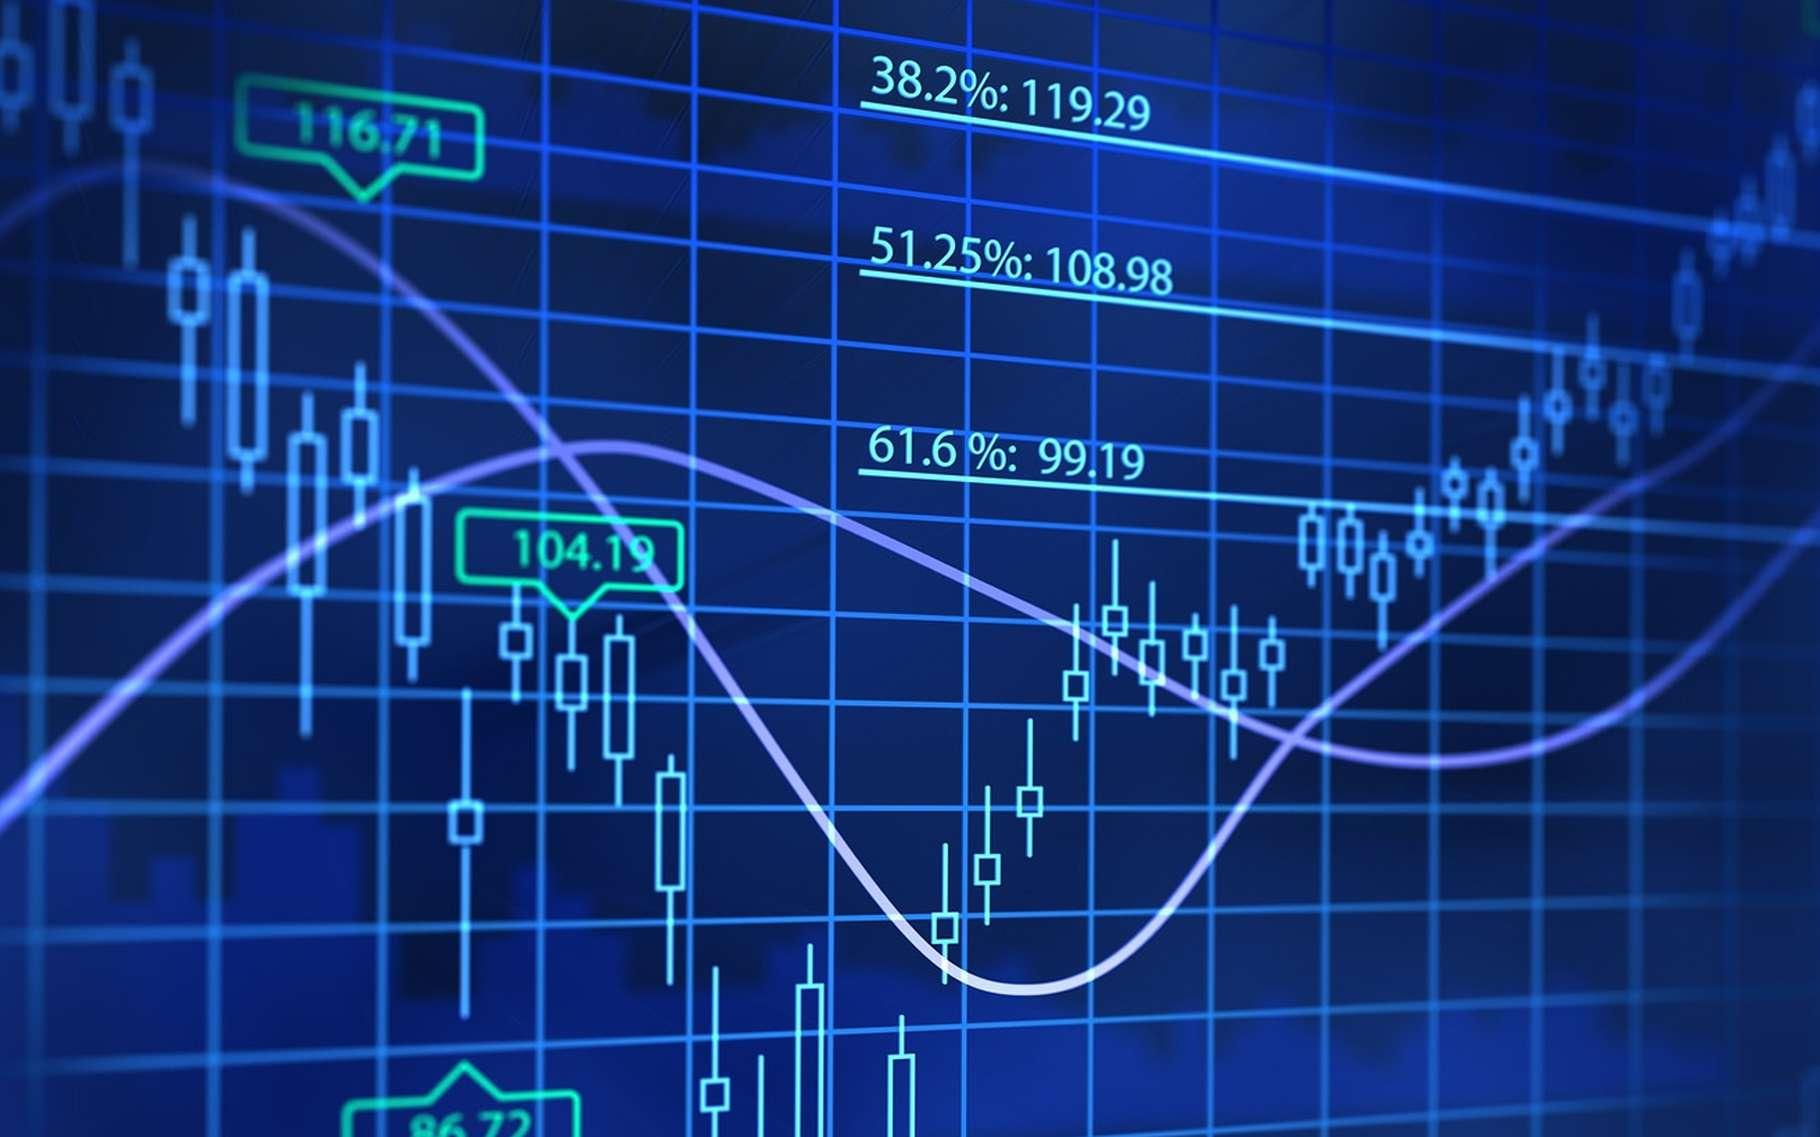 Données variées et corrélations complexes caractérisent autant le monde vivant que la sphère financière. Le calcul matriciel se révèle aussi bien adapté pour l'un que pour l'autre. © DR